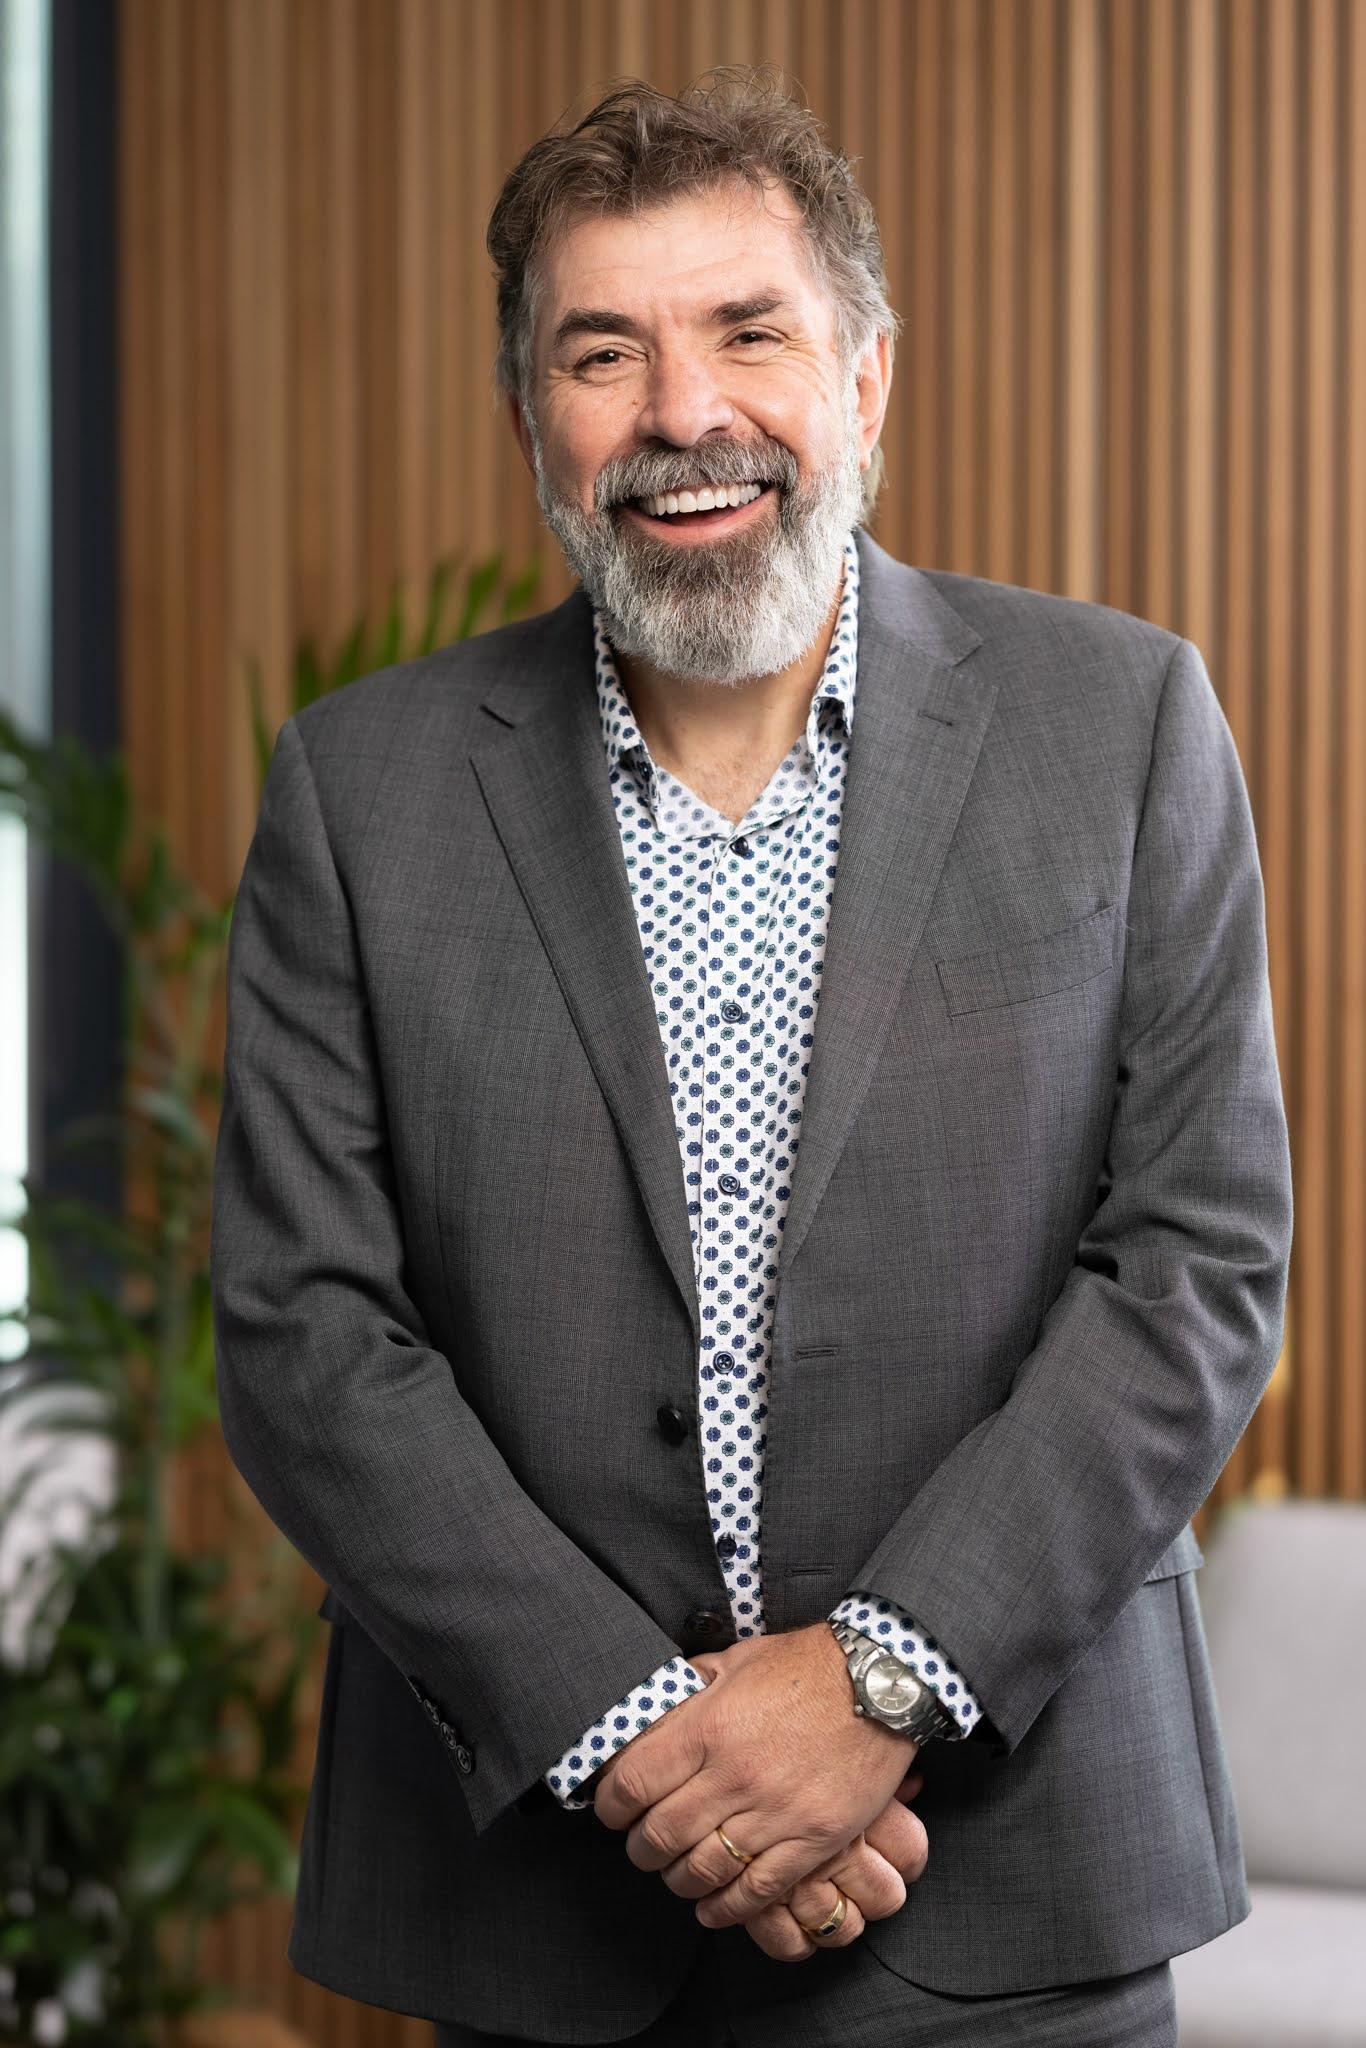 Tony Lopilato